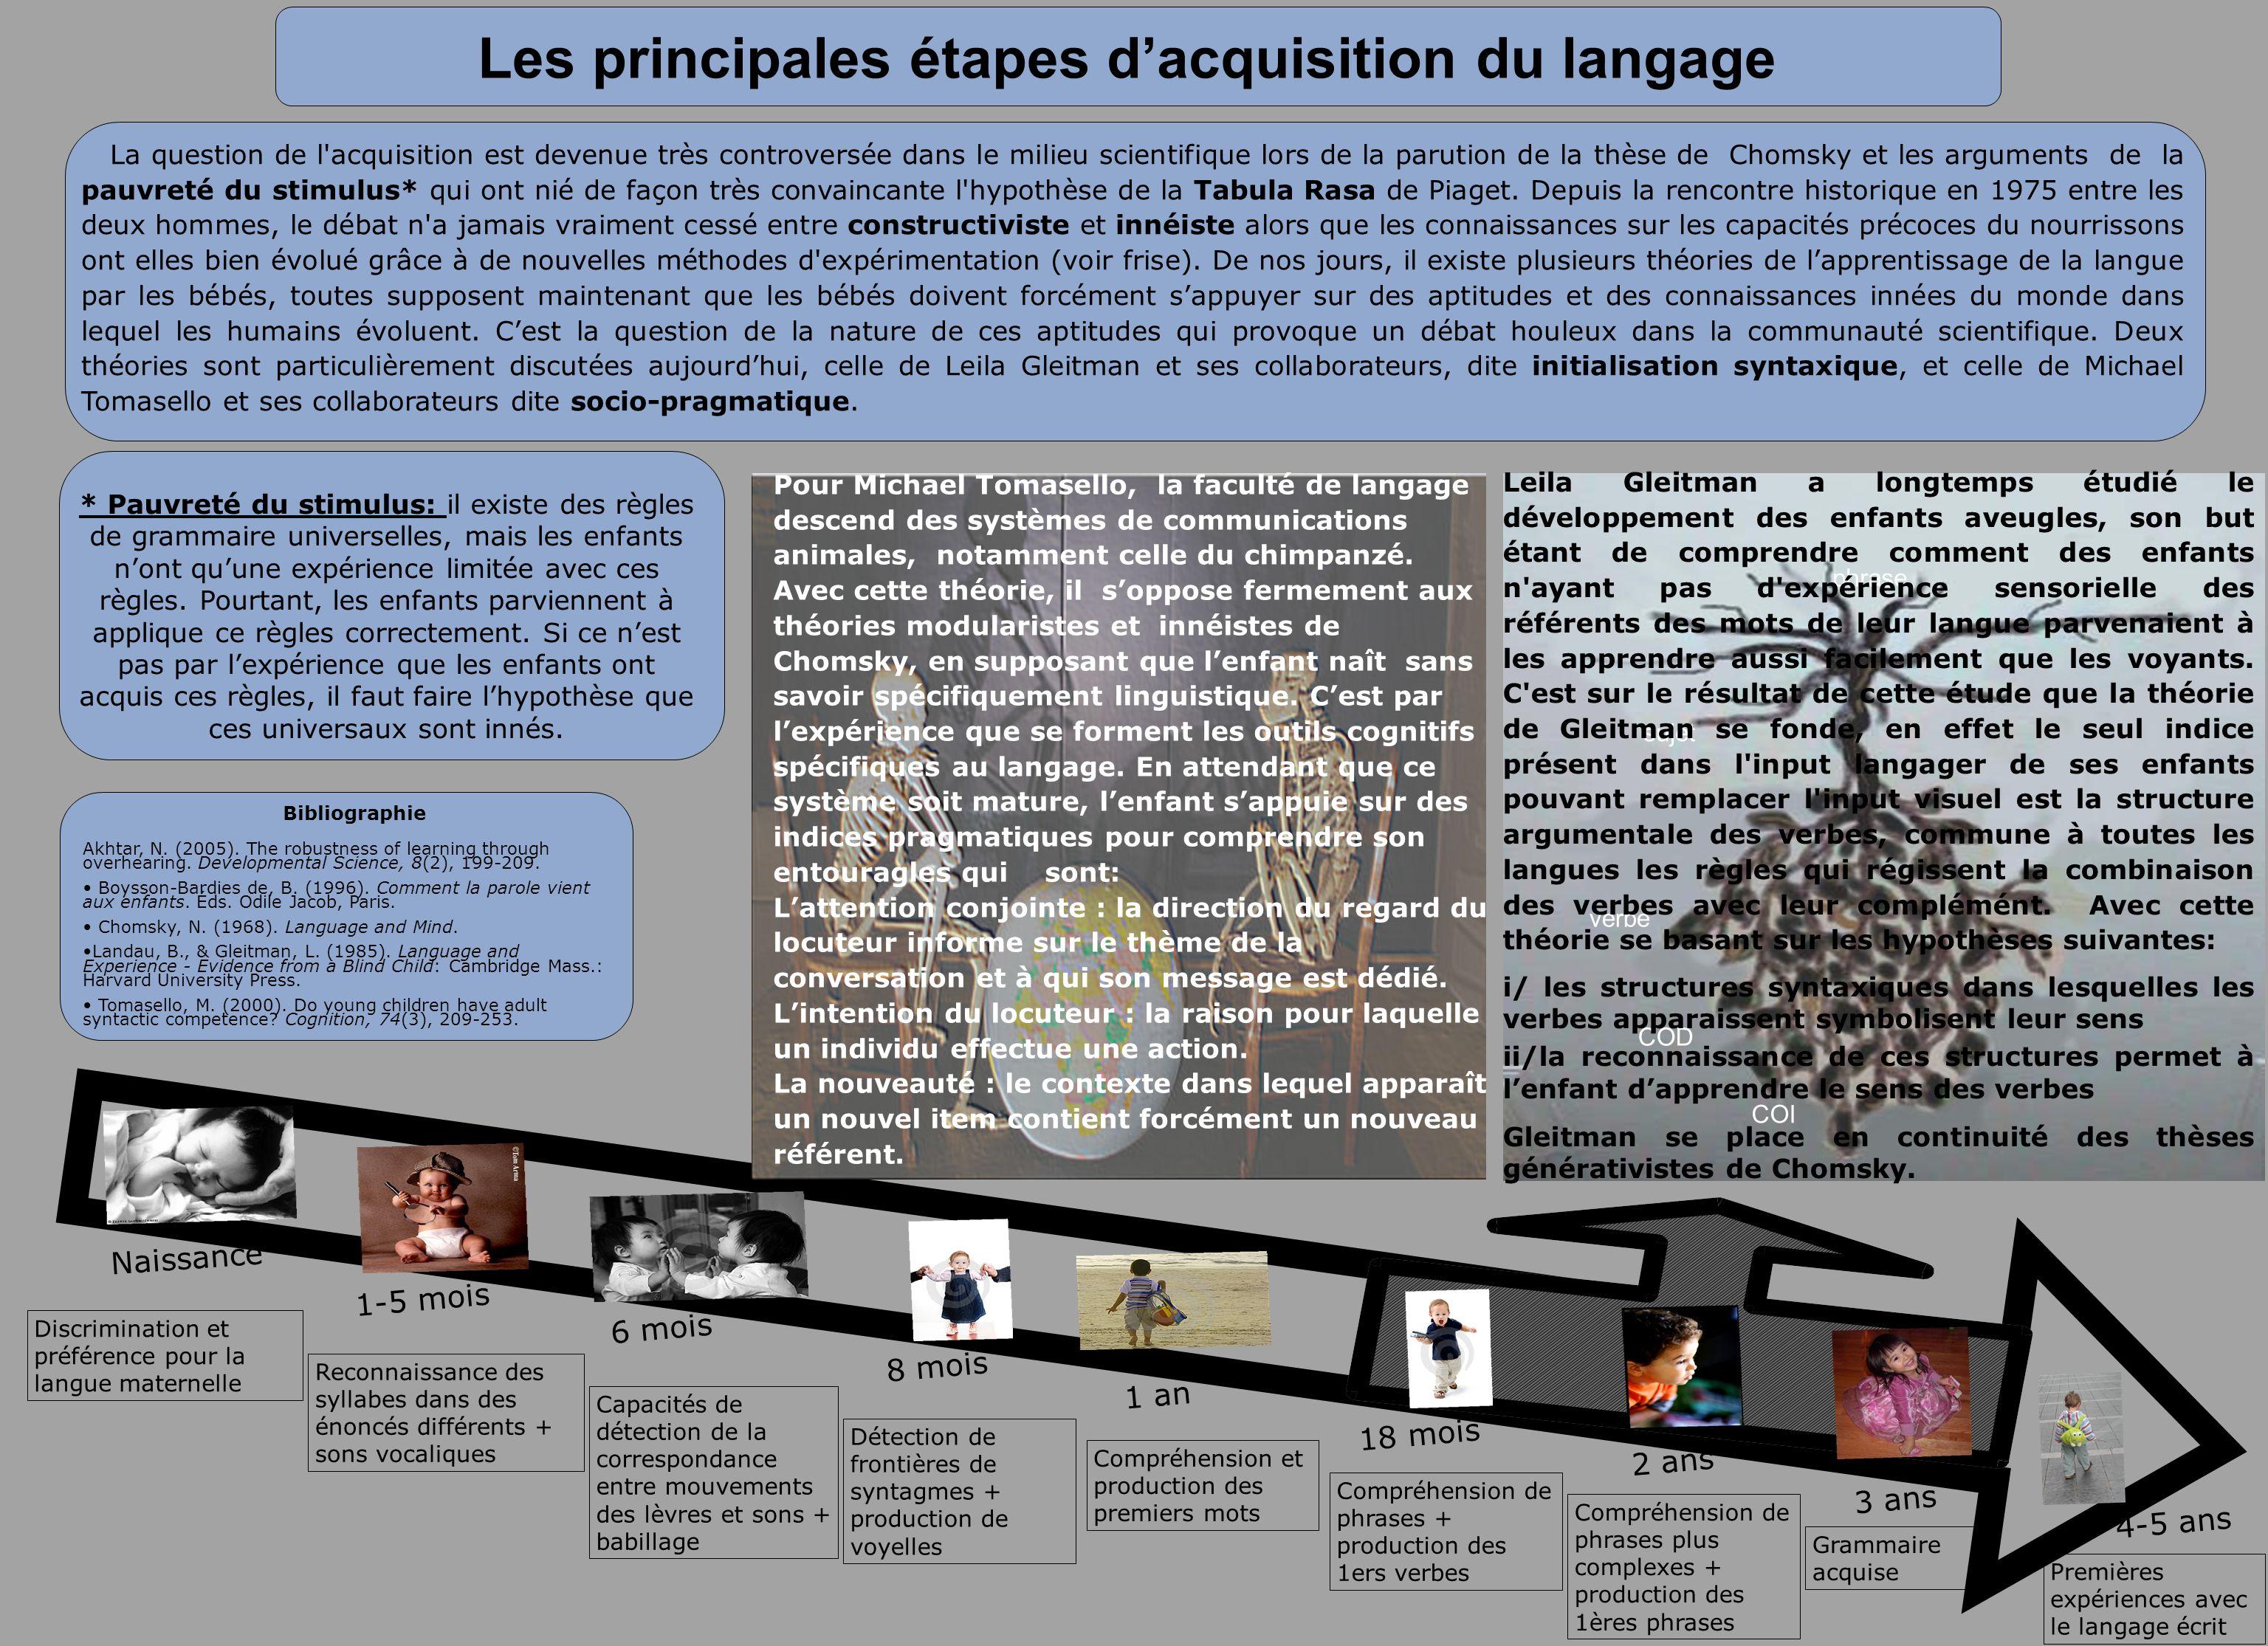 Les principales étapes d'acquisition du langage